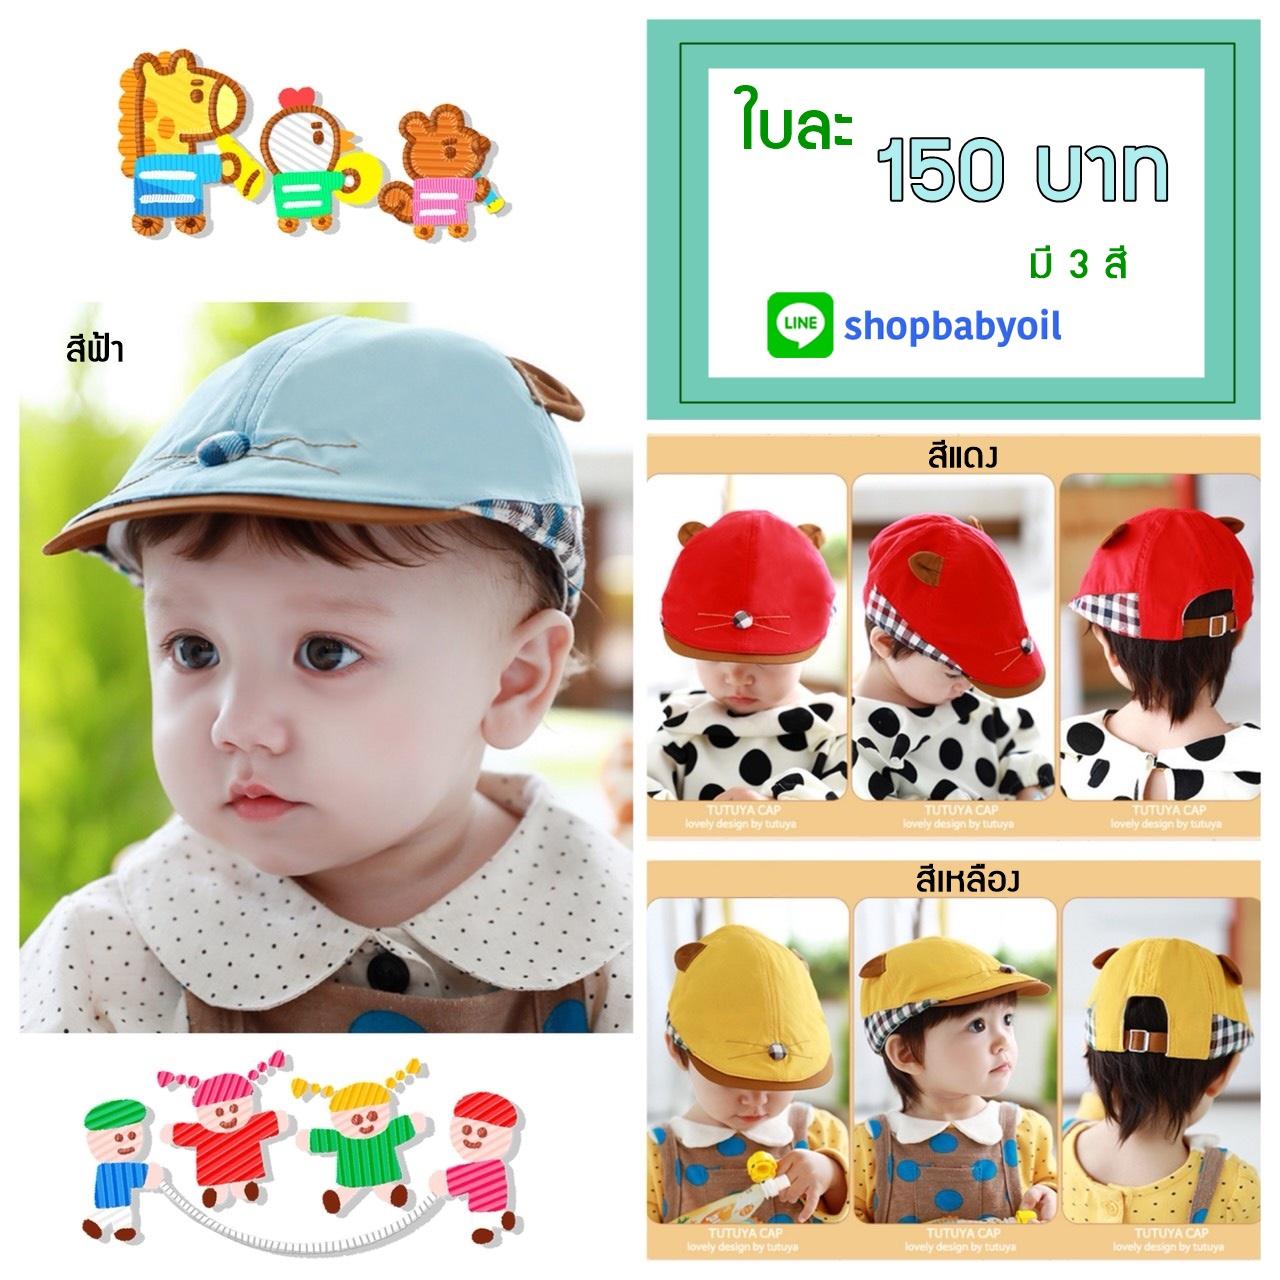 หมวกเด็ก หมวกเบเร่ต์-ลายแมว (มี 4 สี)